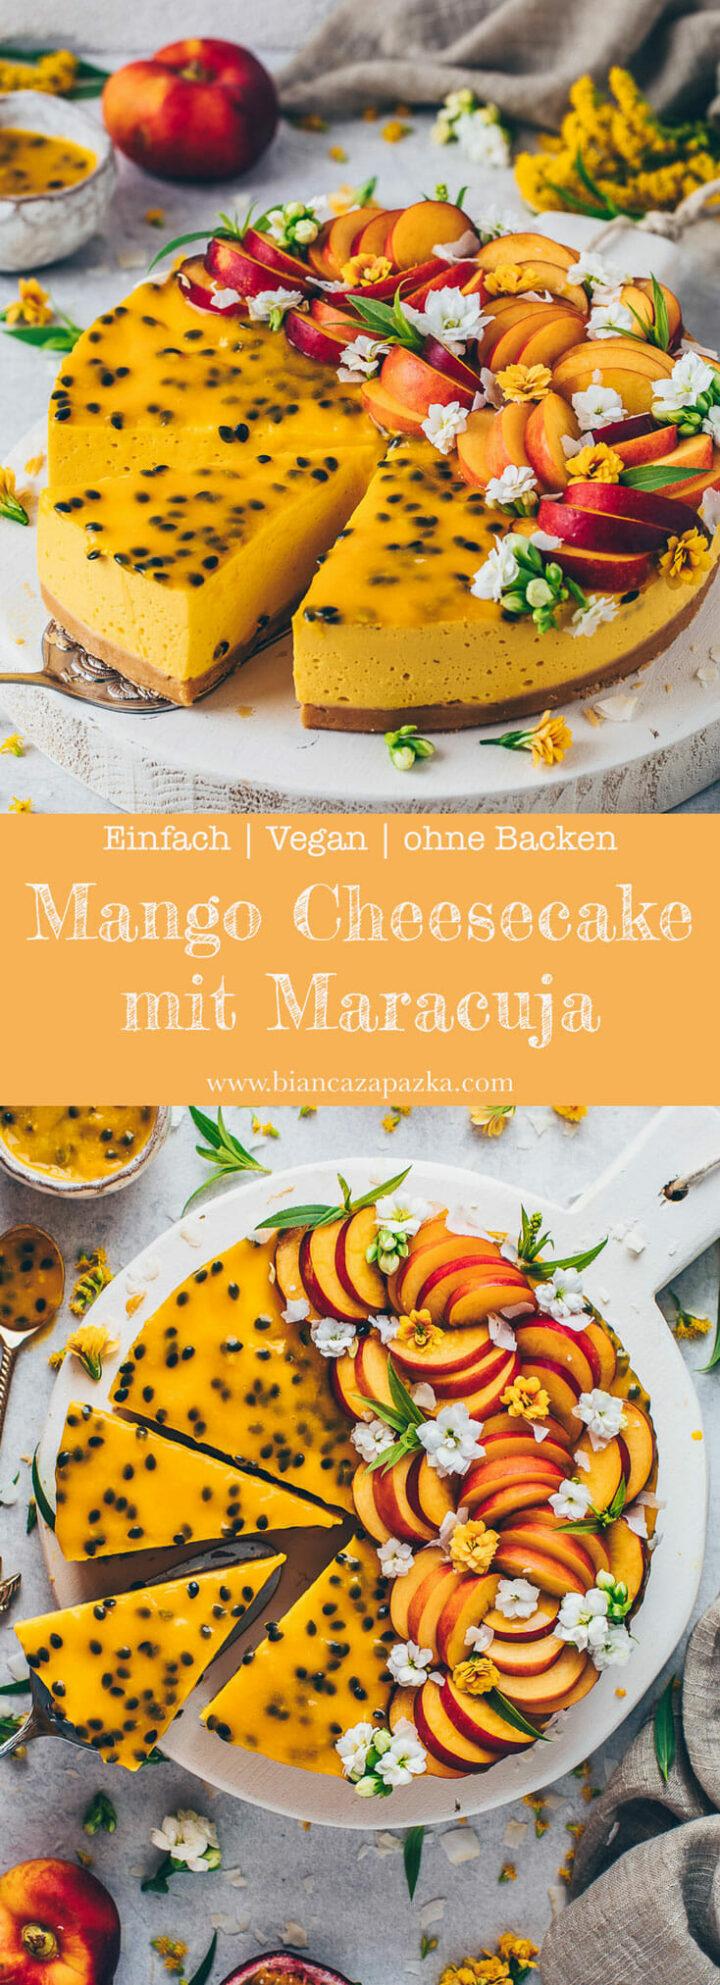 Mango Cheesecake Torte ohne Backen mit Maracuja und Nektarinen